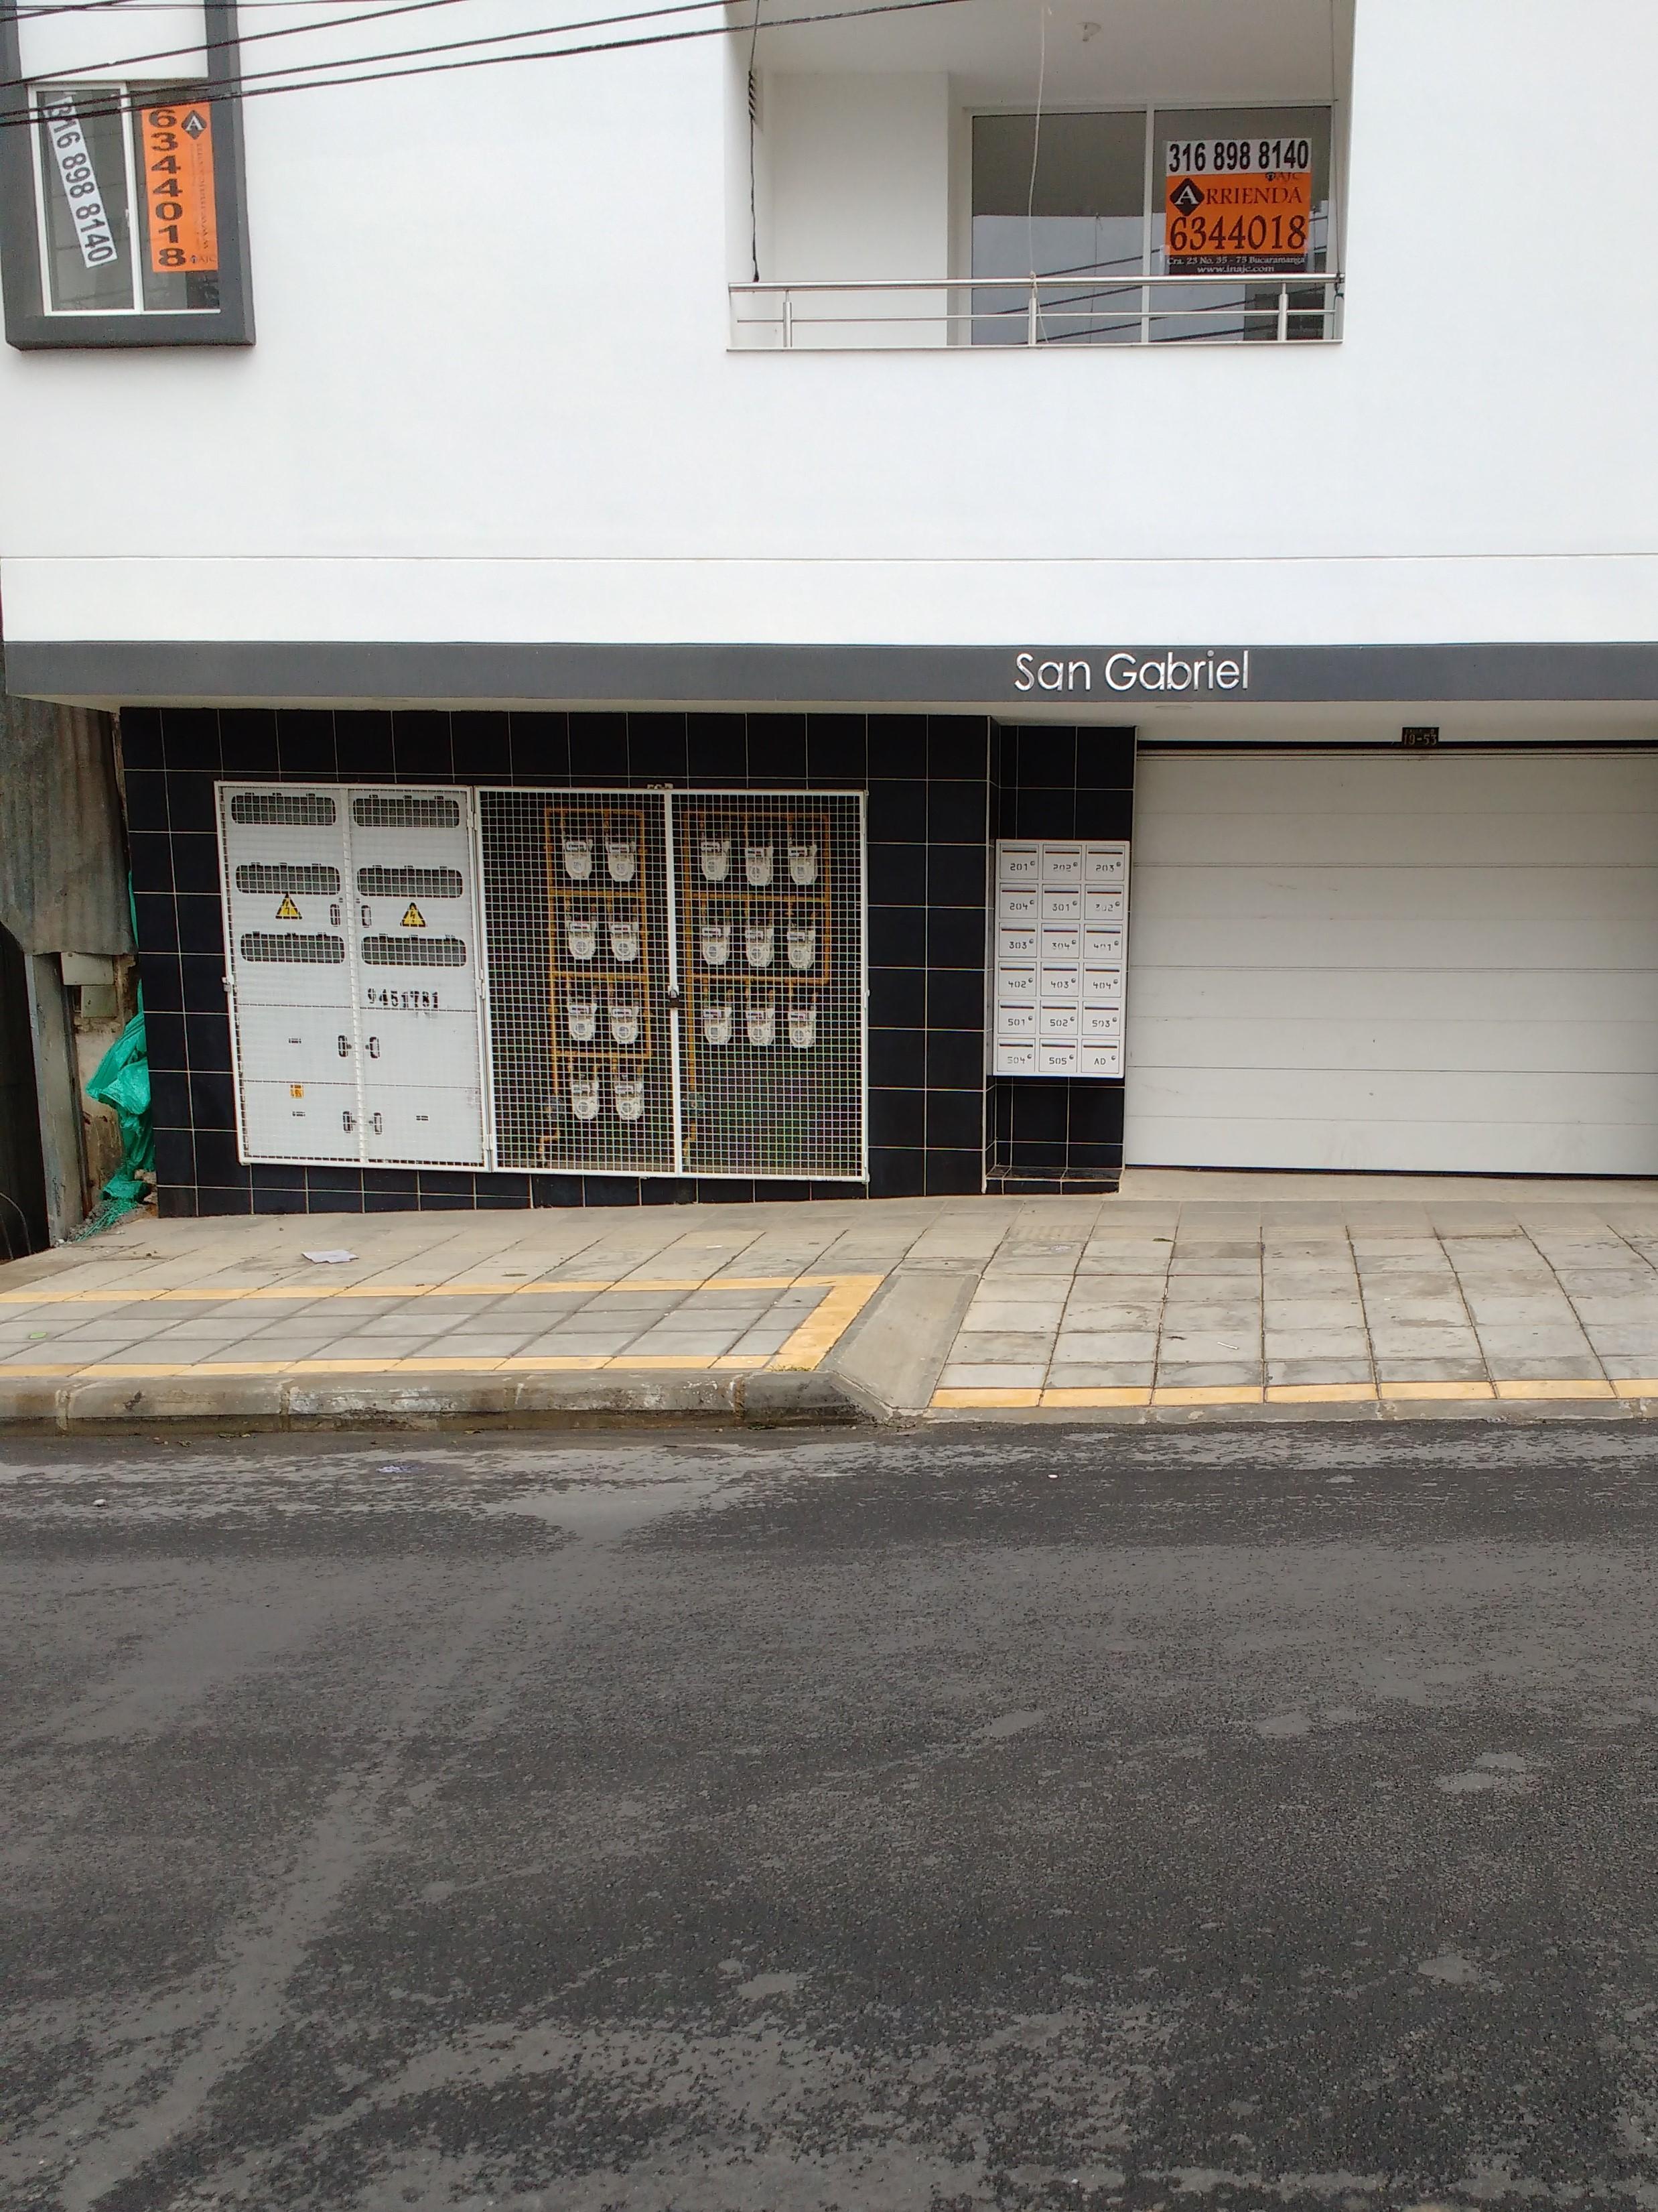 AA-5330 Apartaestudio en Comuneros edificio San Gabriel